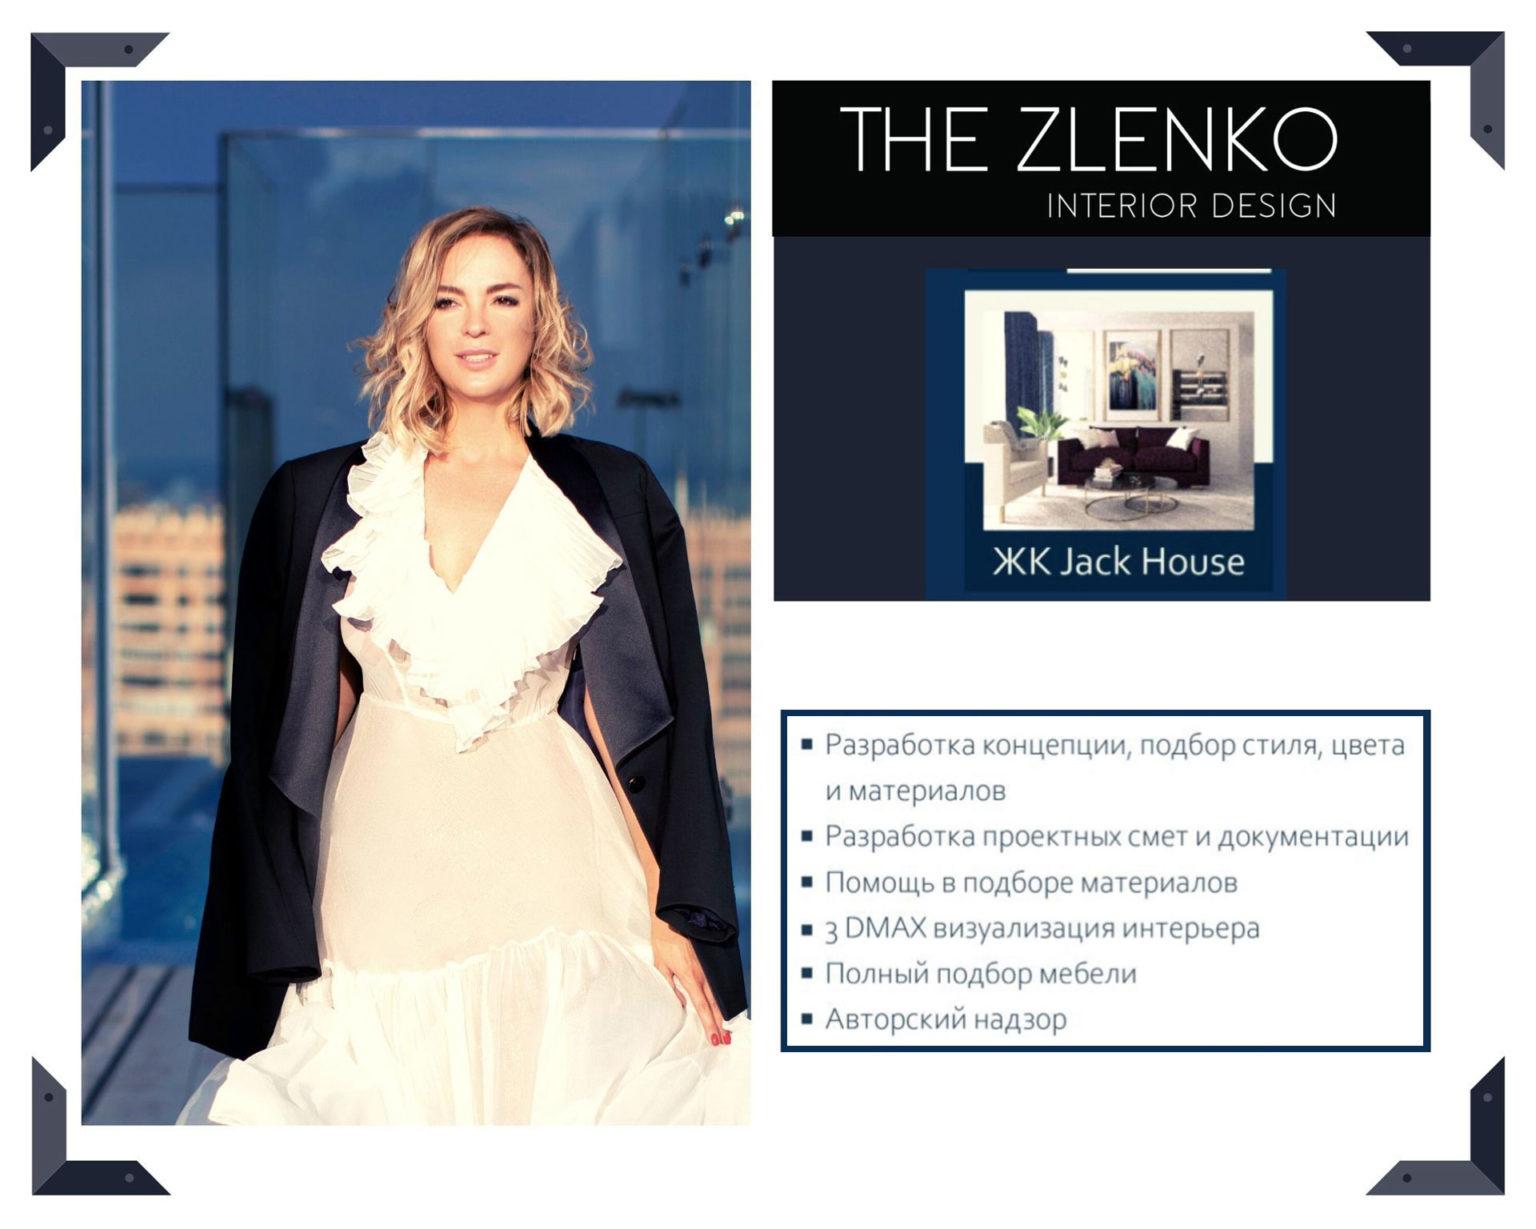 Услуги студии the zlenko